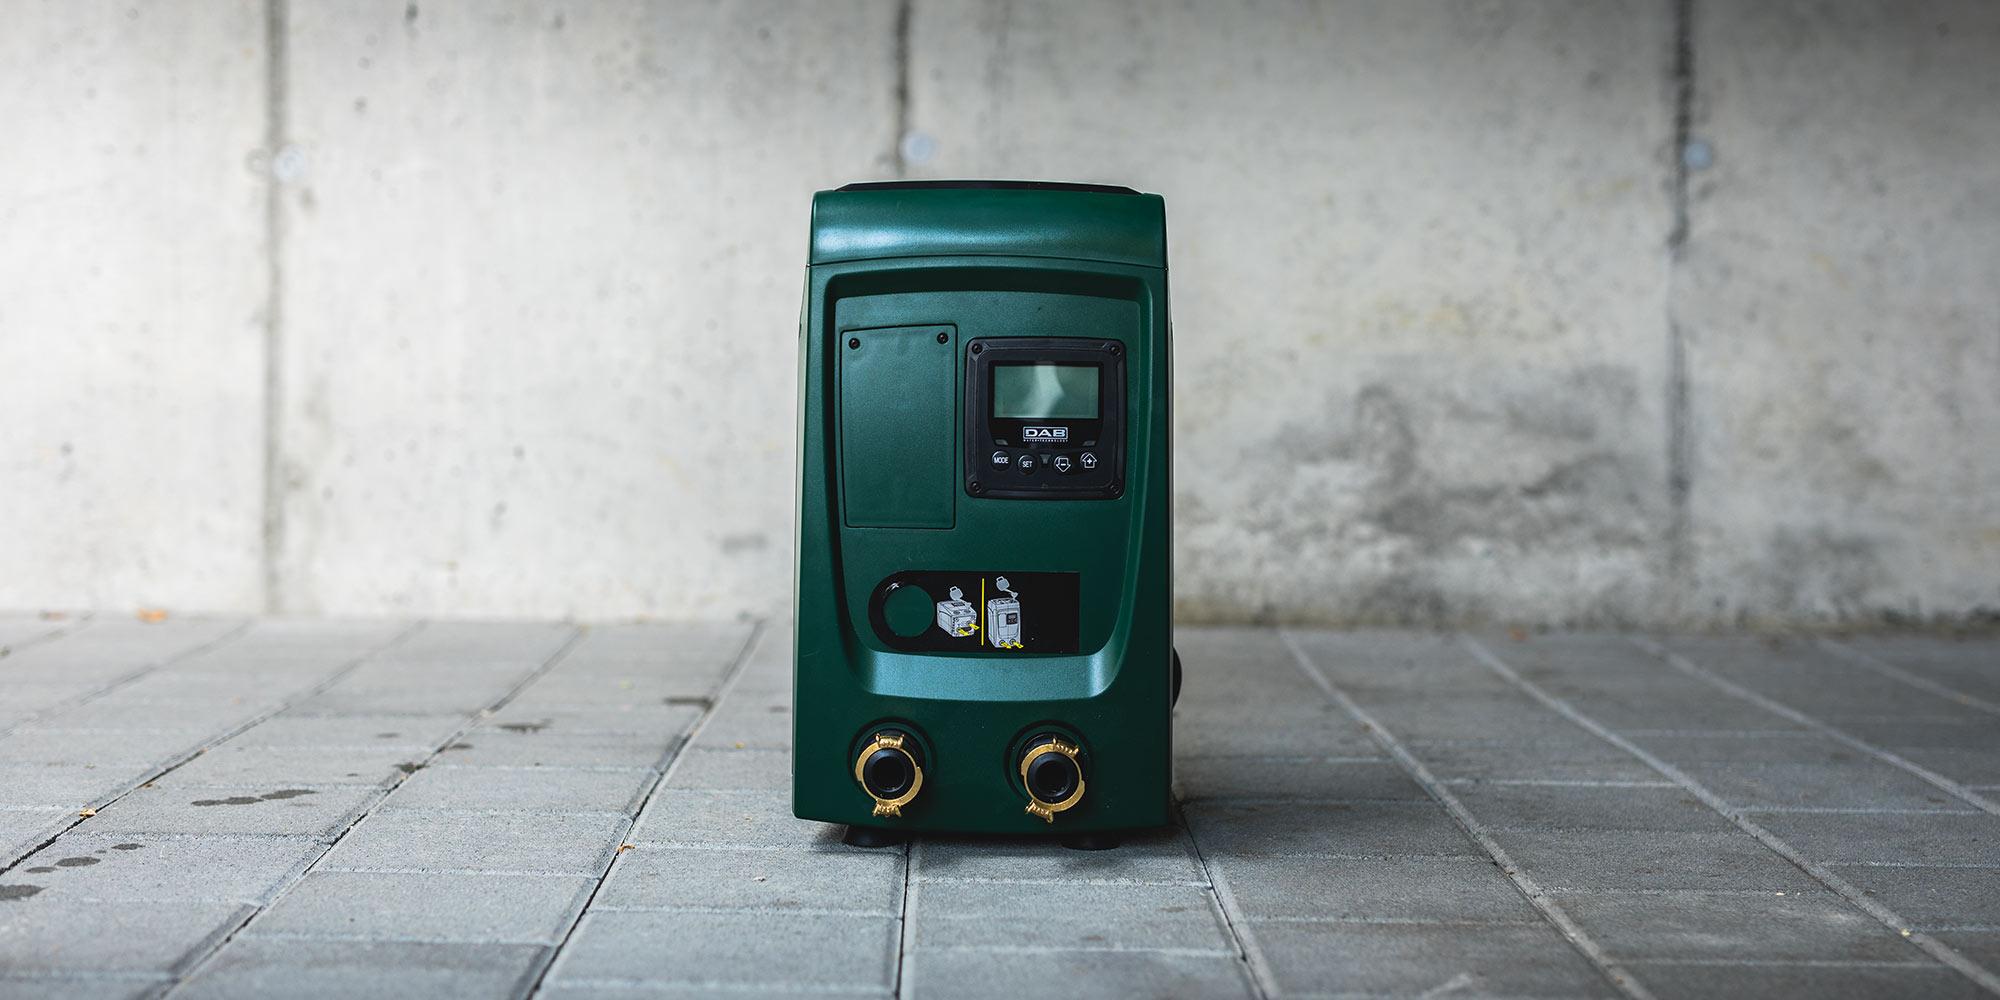 Hauswasserwerk DAB E.SYWALL Wandhalterung für E.SYBOX und E.SYBOX mini